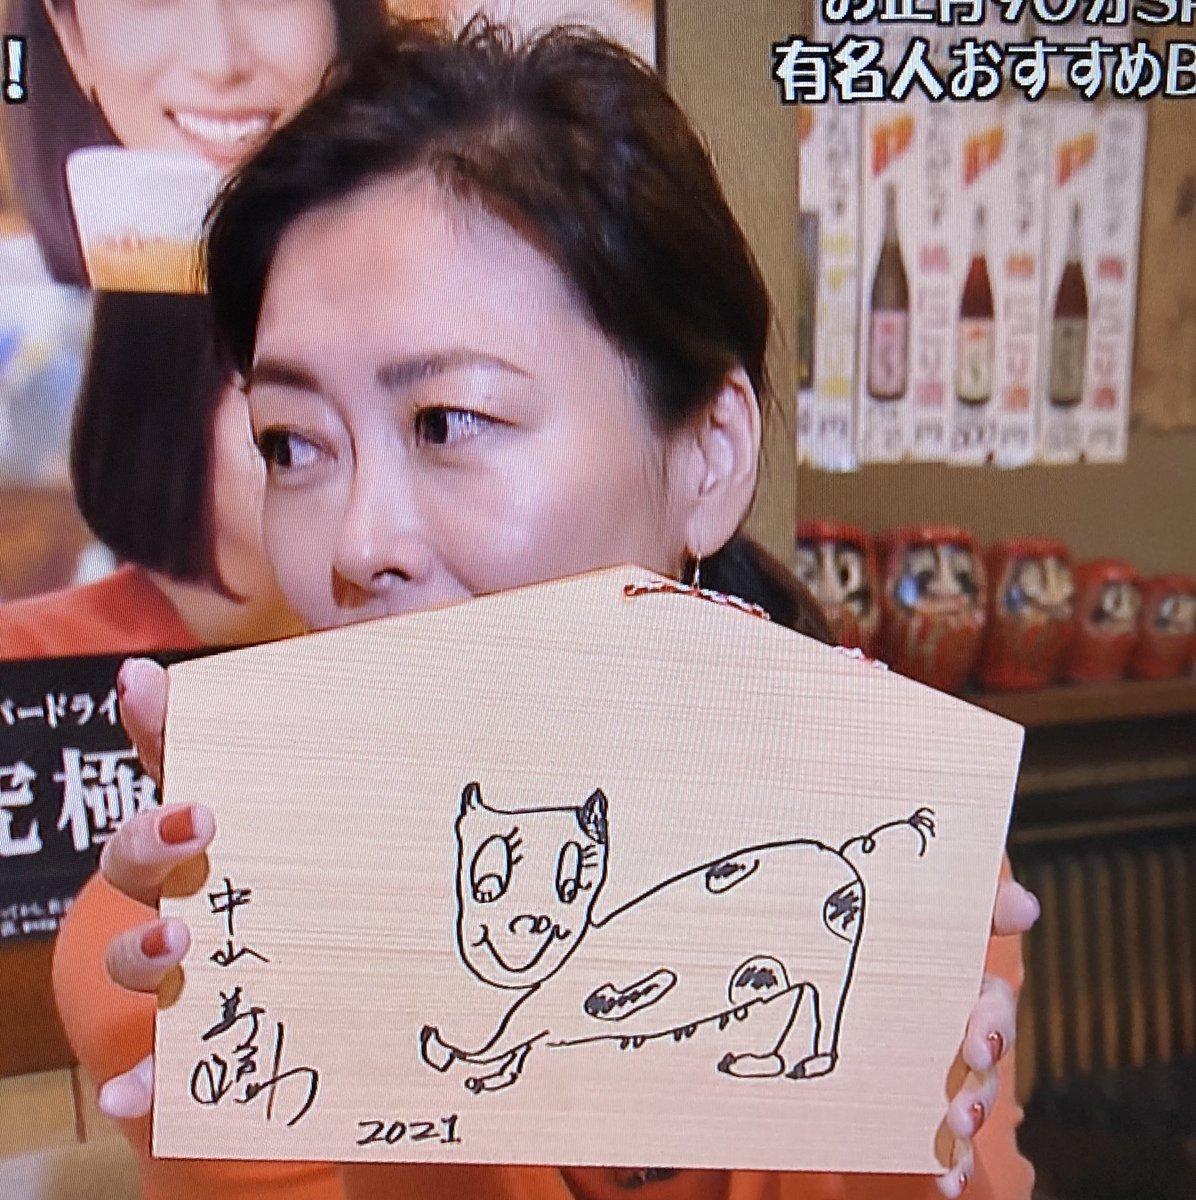 コレステロール 沢松 奈生子 勝野洋の長女七奈美の死因における予想外の事実に心から震えた